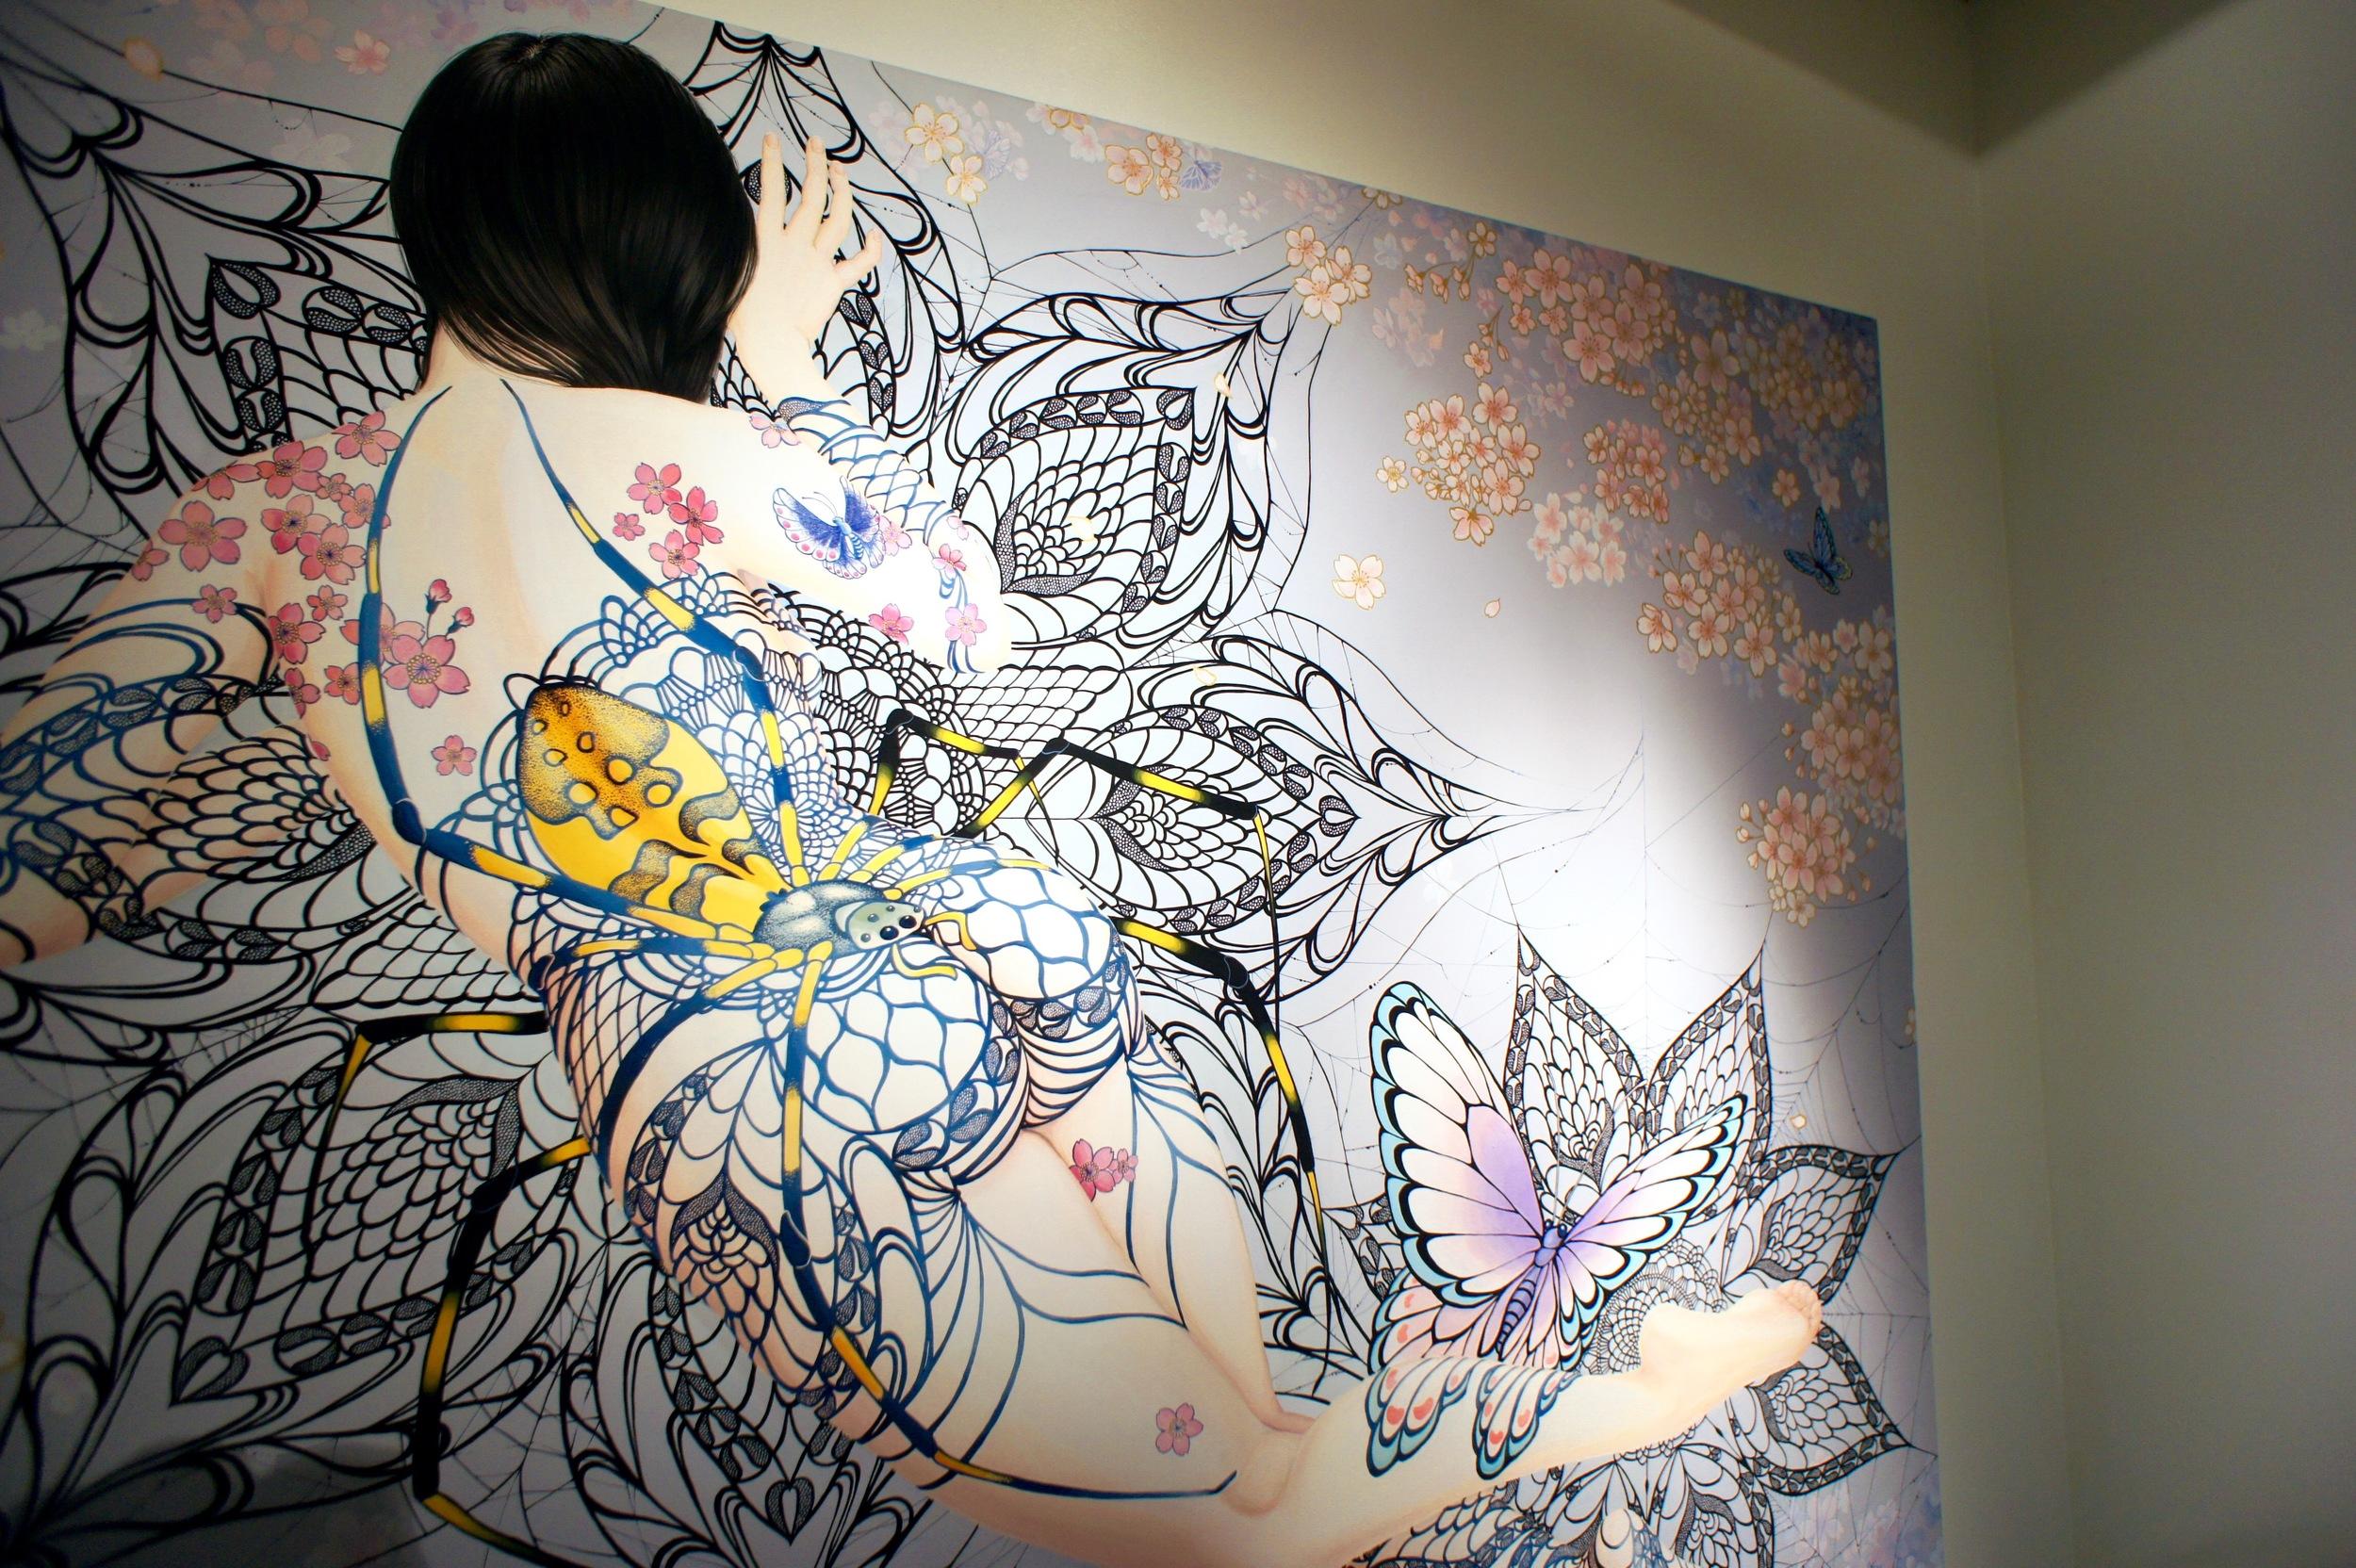 妄想族:女 Hallucinating people: Female - Rika Shimasaki